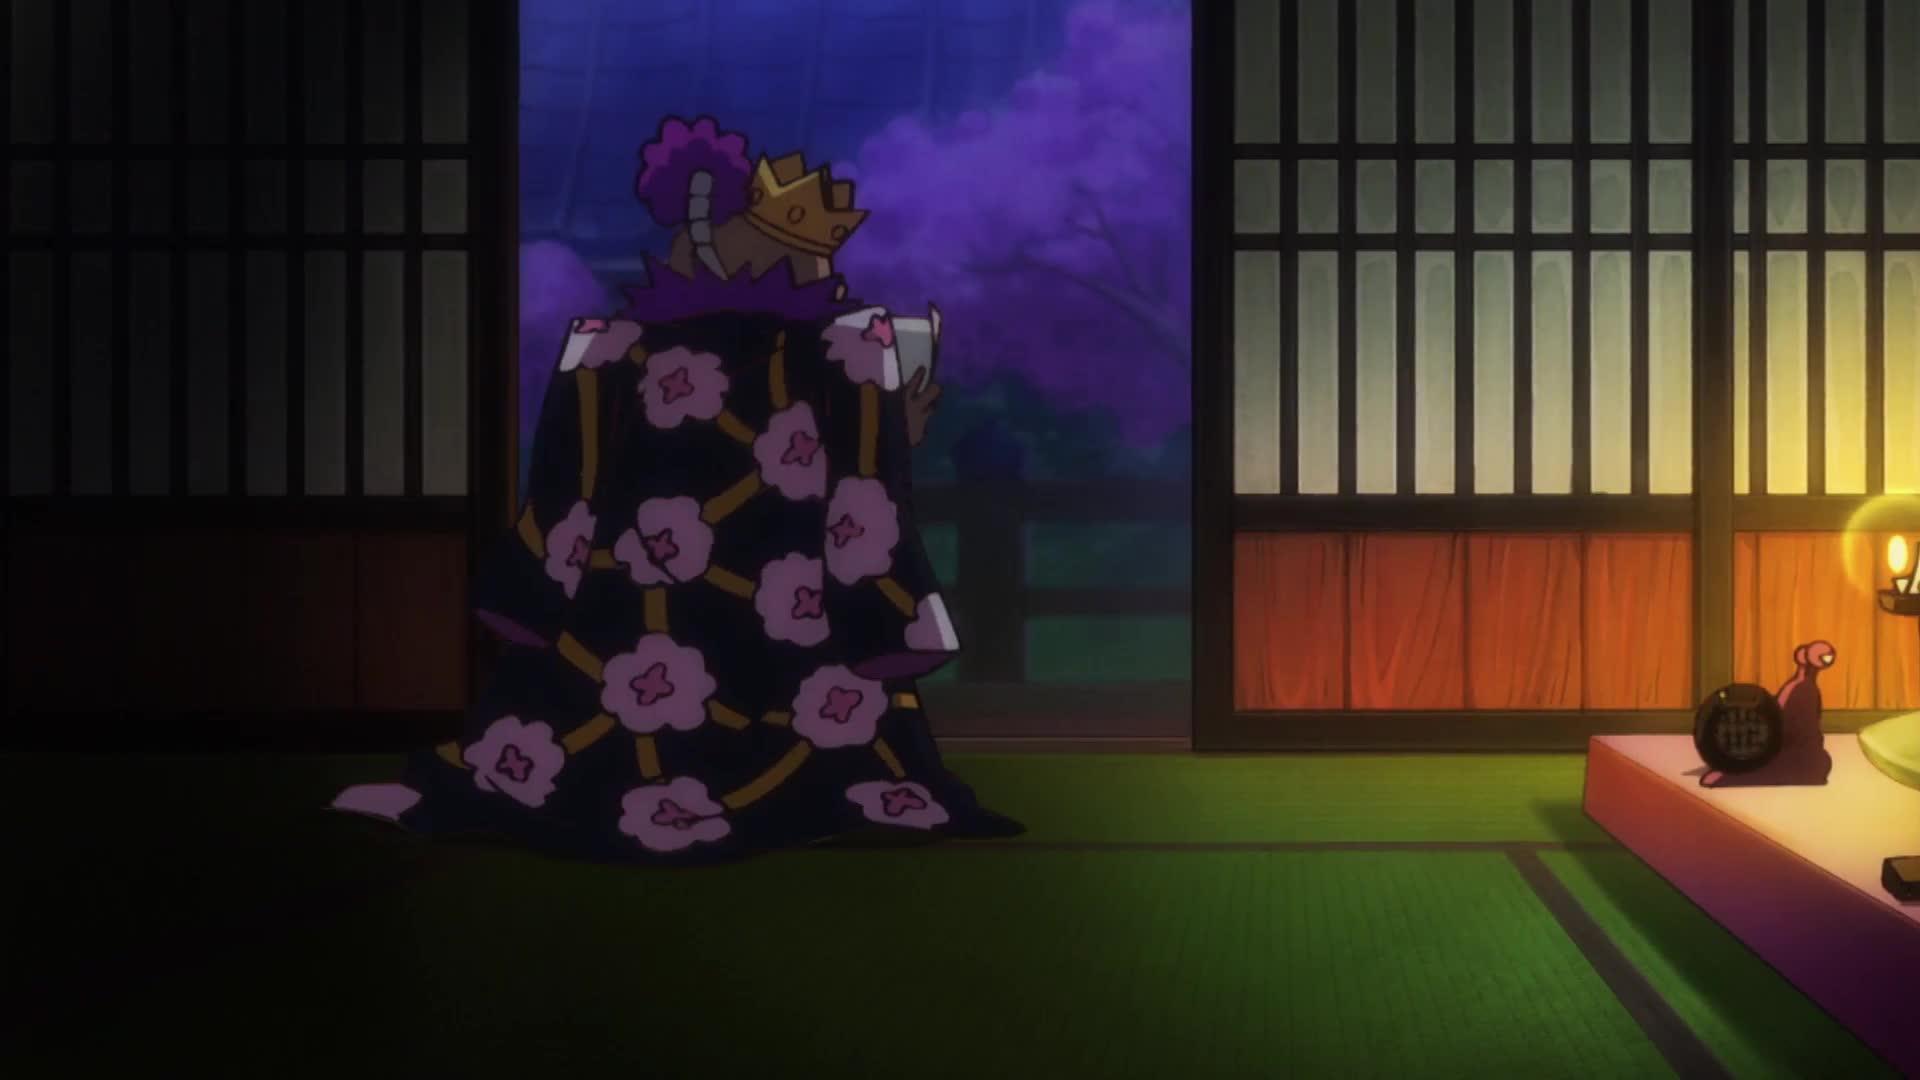 1화 와노쿠니 제일의 무사! 코즈키 오뎅 등장